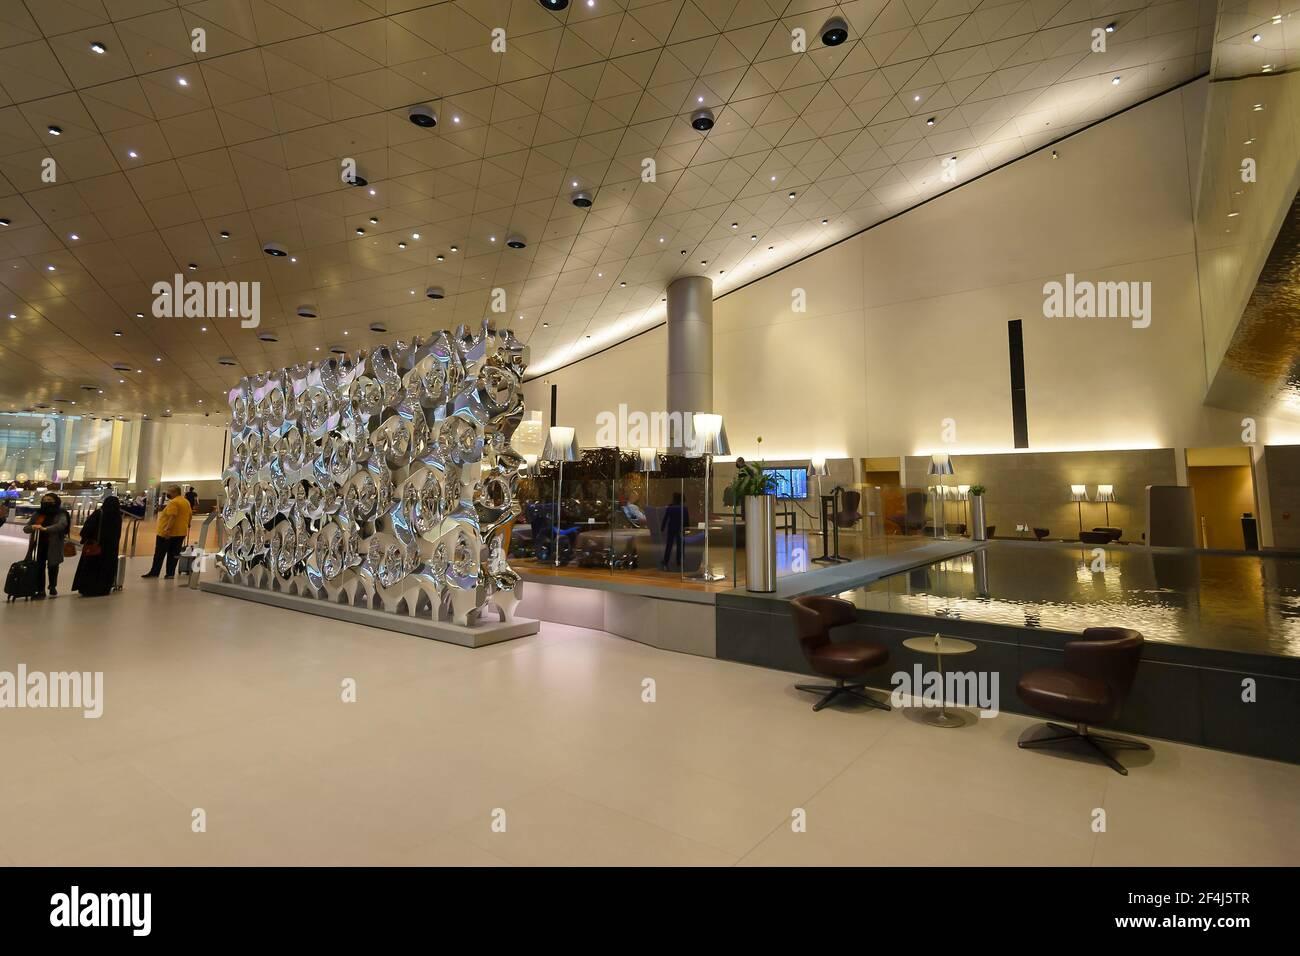 Al Mourjan Qatar Airways Business Class Lounge à l'aéroport de Doha au Qatar. Atmosphère relaxante pour les passagers de première qualité à l'aéroport de Doha Hamad. Banque D'Images